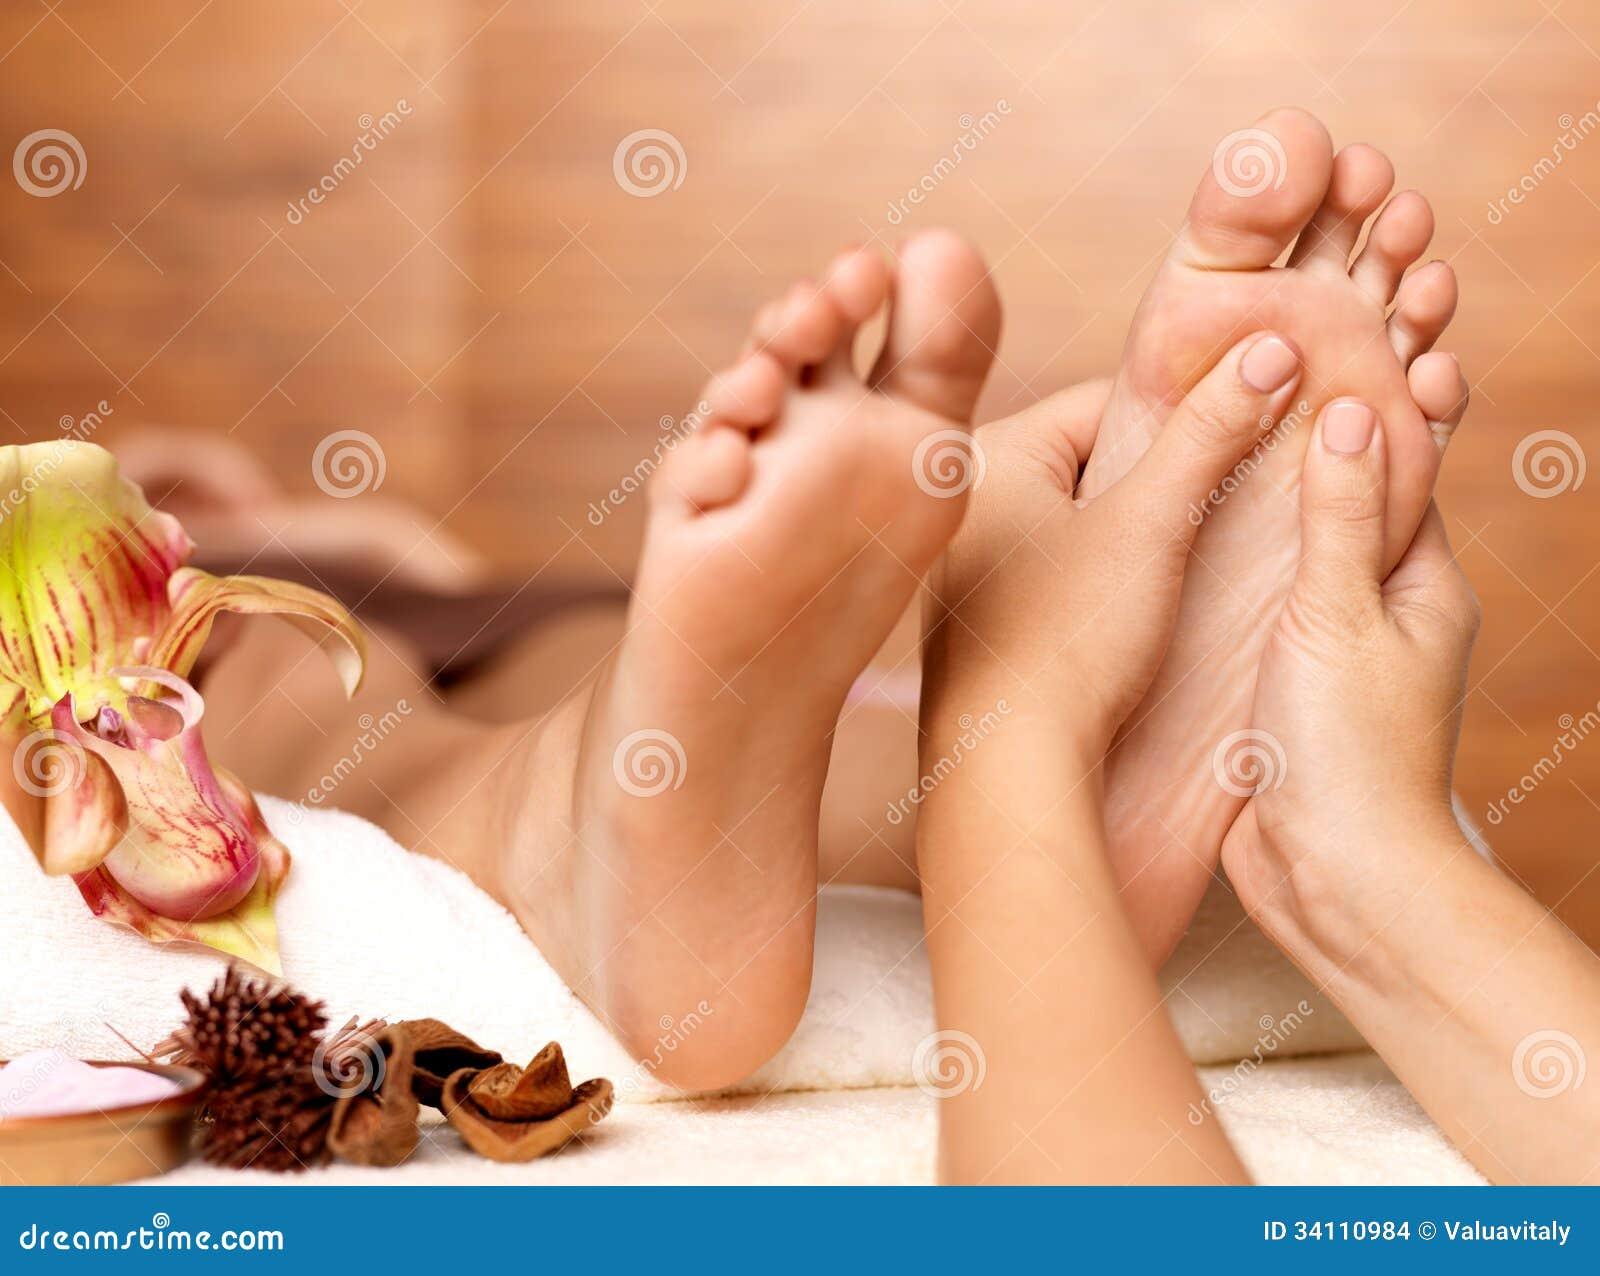 Massage van menselijke voet in kuuroordsalon